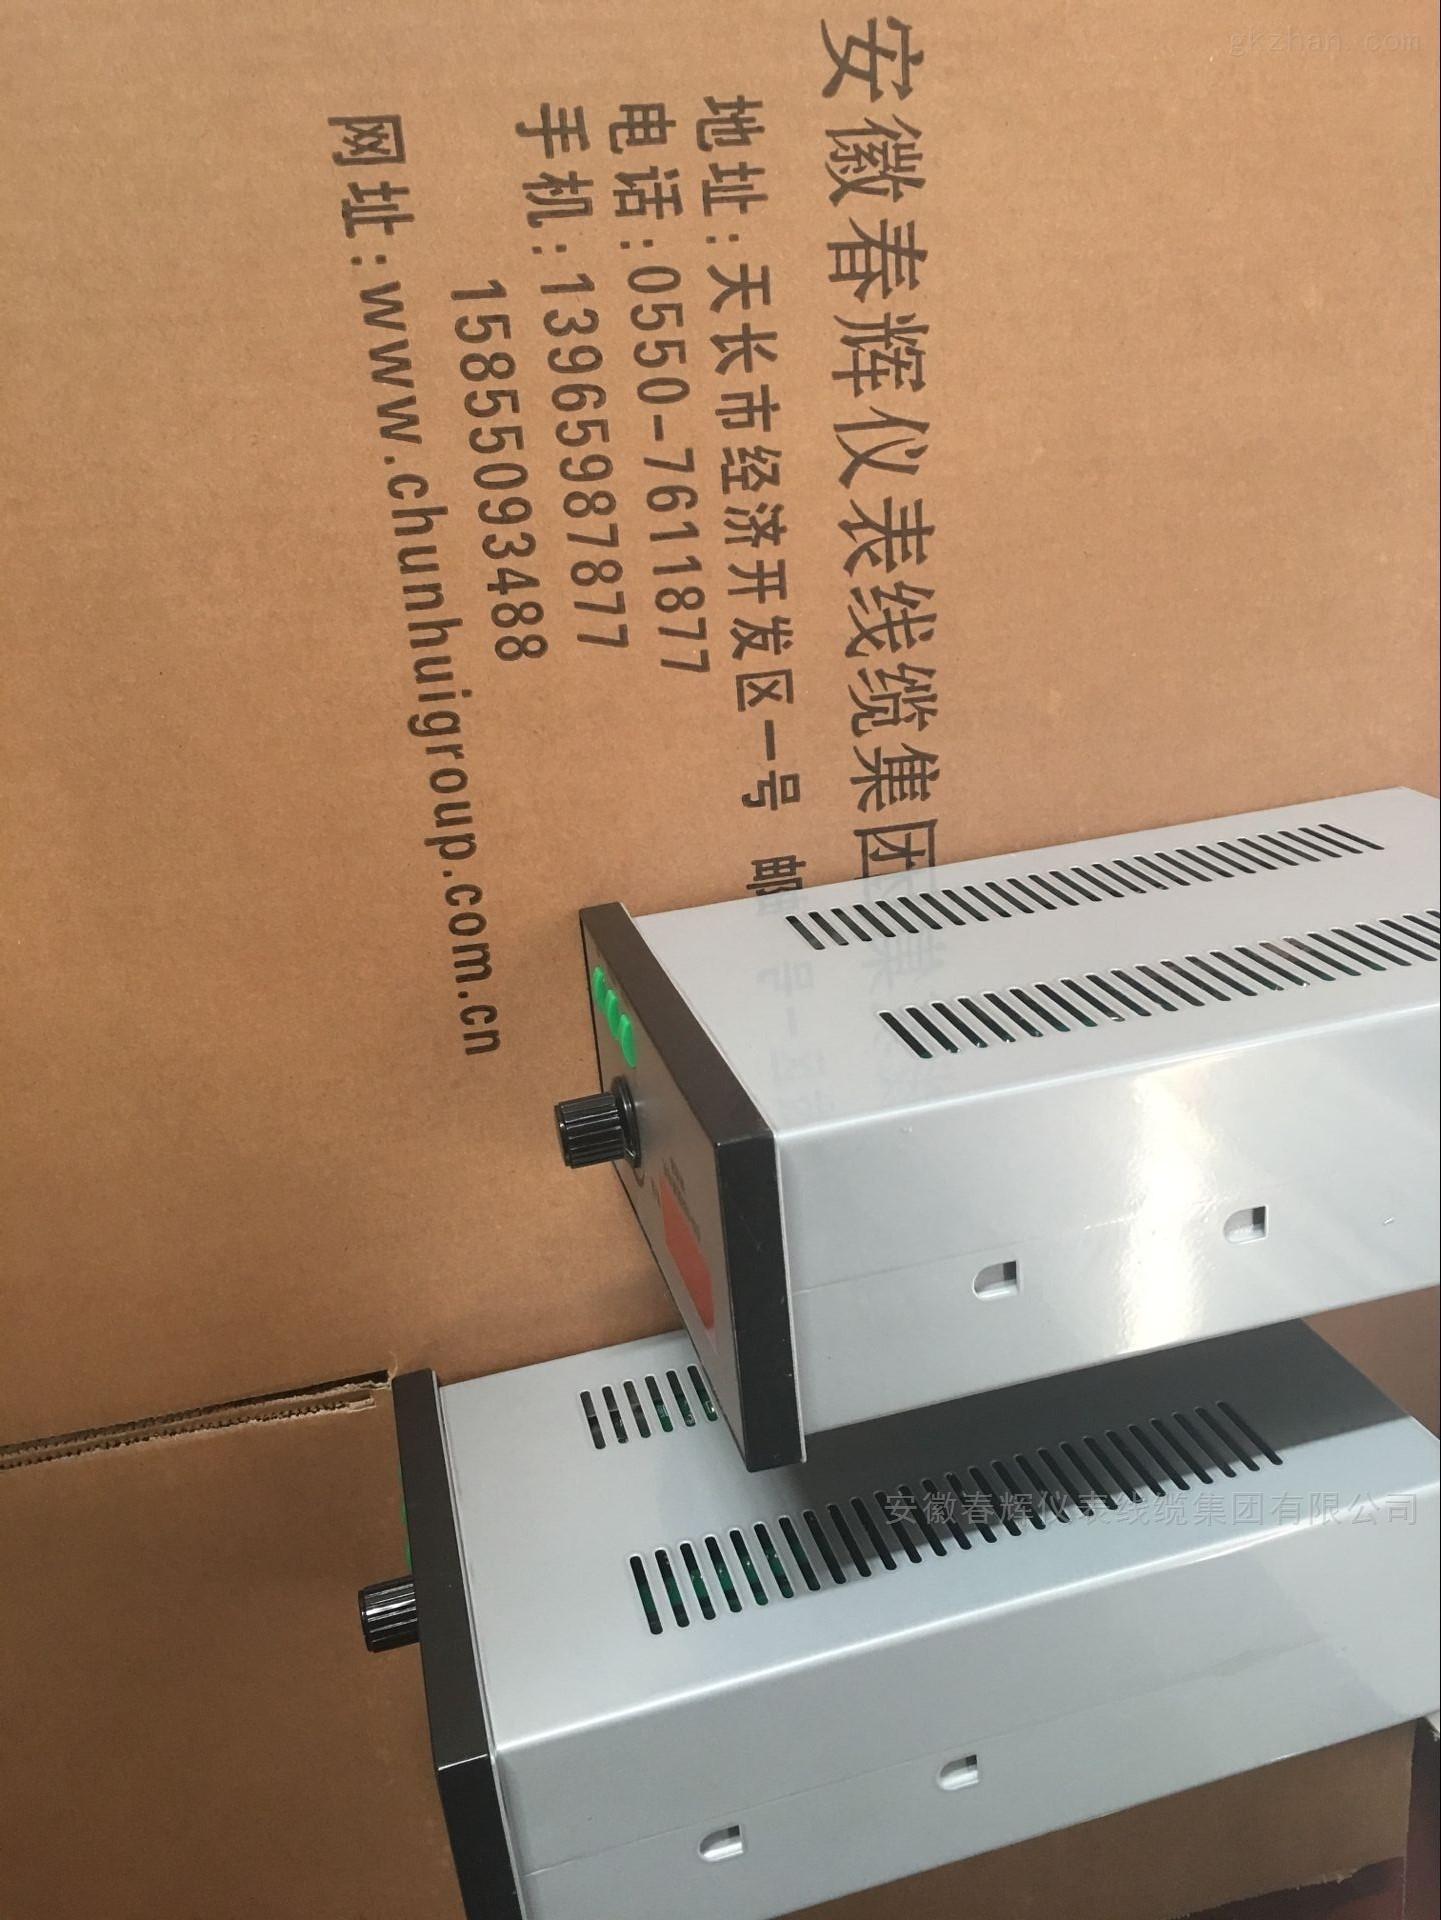 器KZD-02H、KZD-01